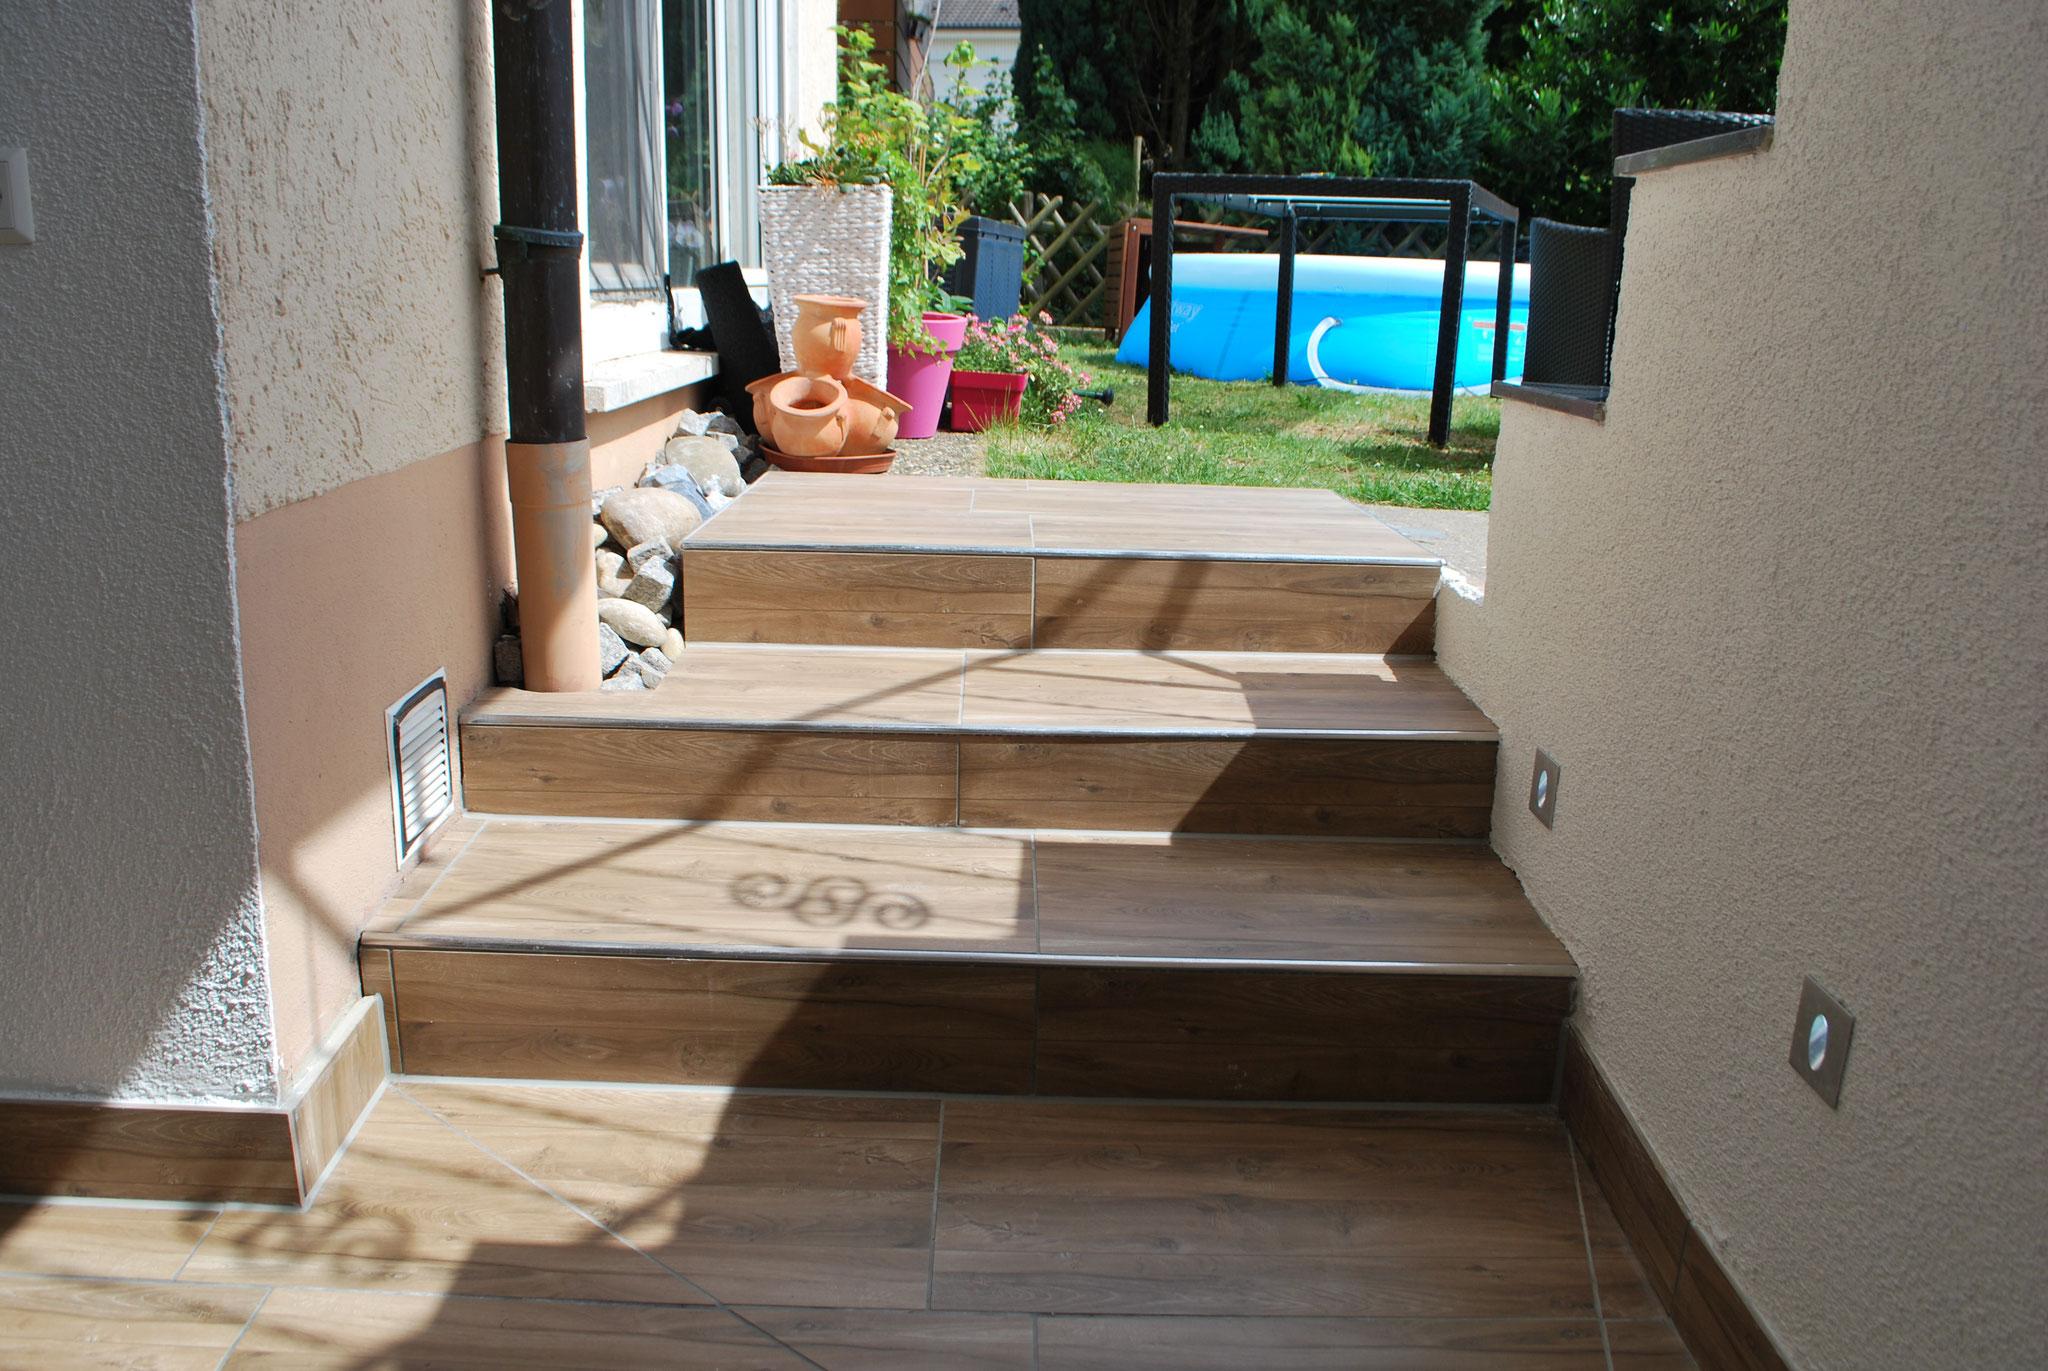 Treppe mit Holzoptikfliesen und Edeöstahlschienen